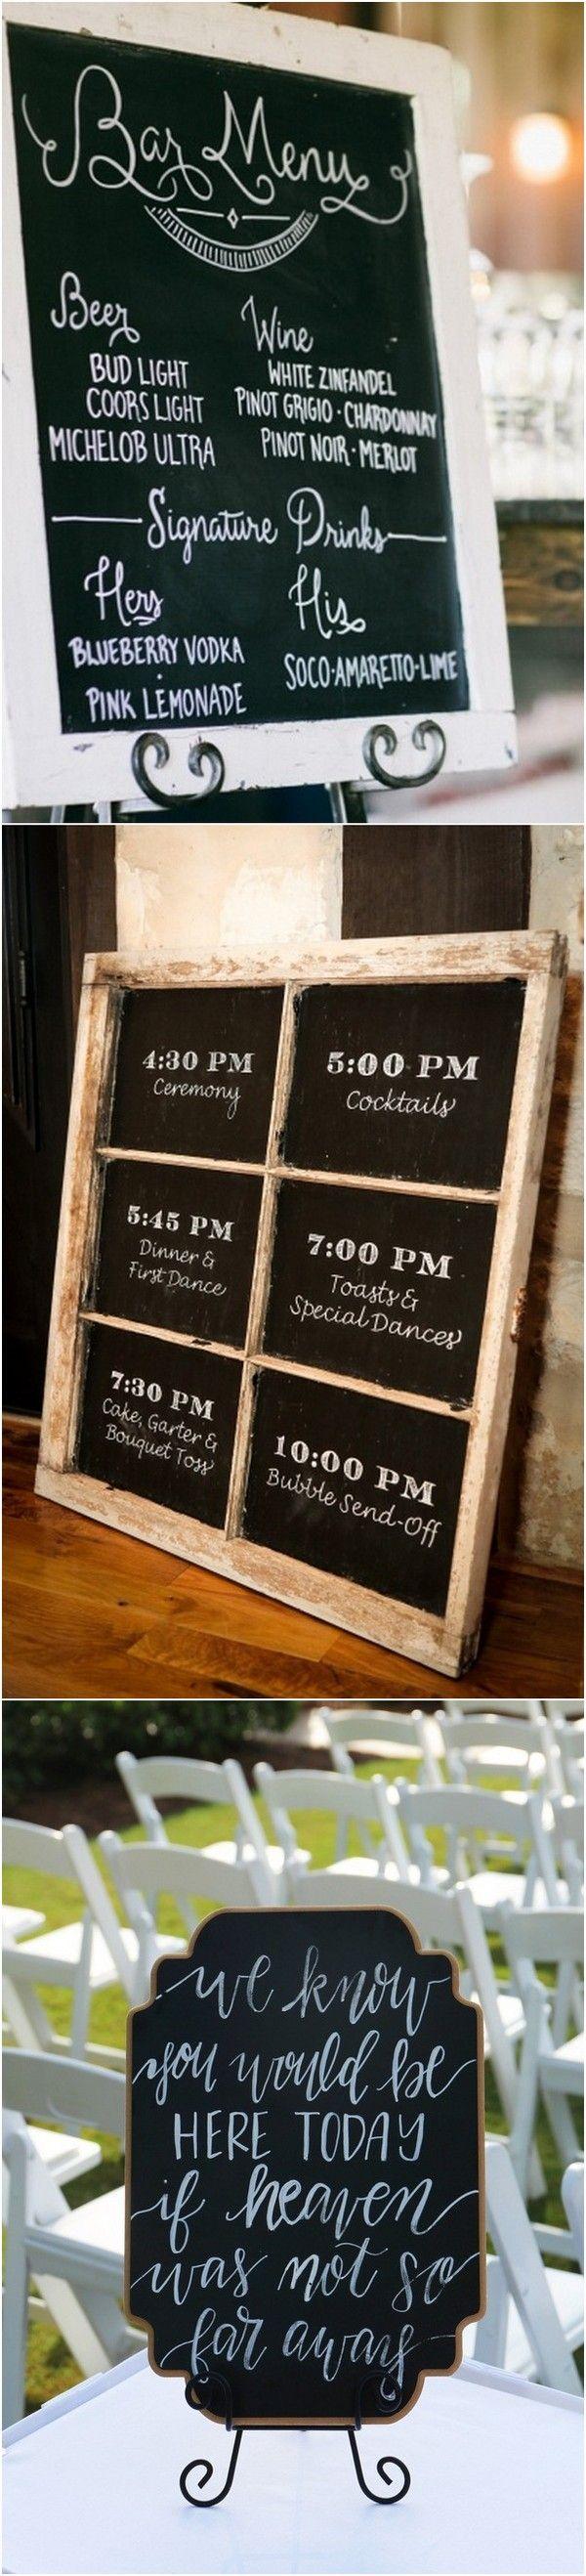 Chic rustic chalkboard wedding signs #wedding #rusticwedding #weddingideas #weddingsigns